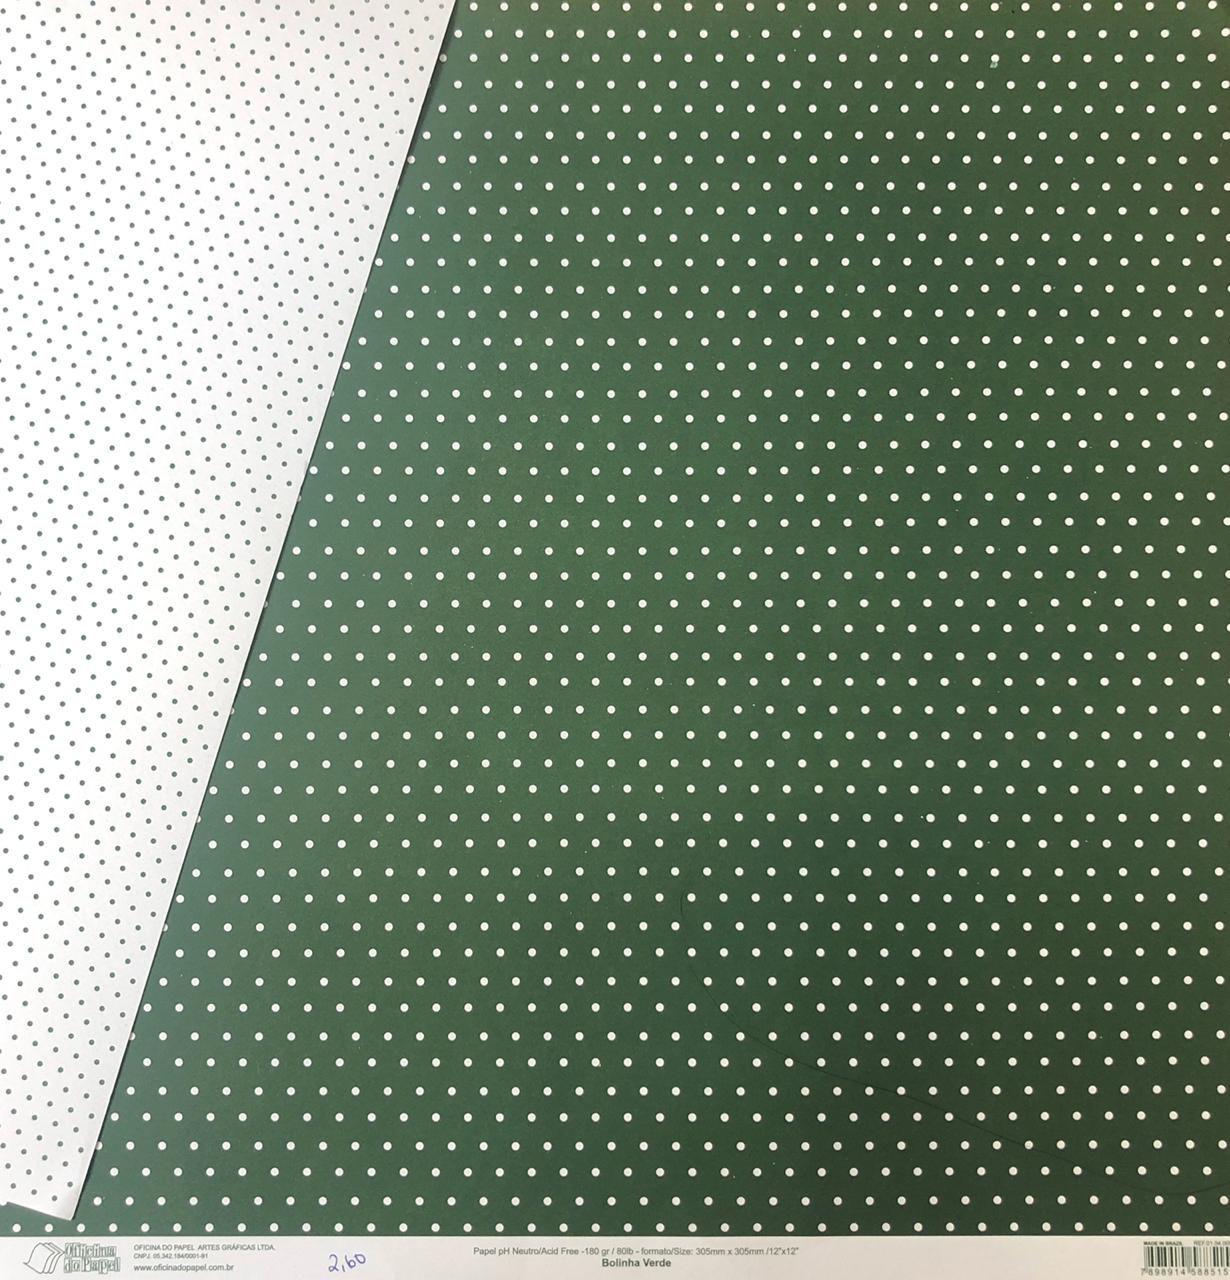 Papel Scrap - Bolinha Verde - Oficina do Papel (0104005)